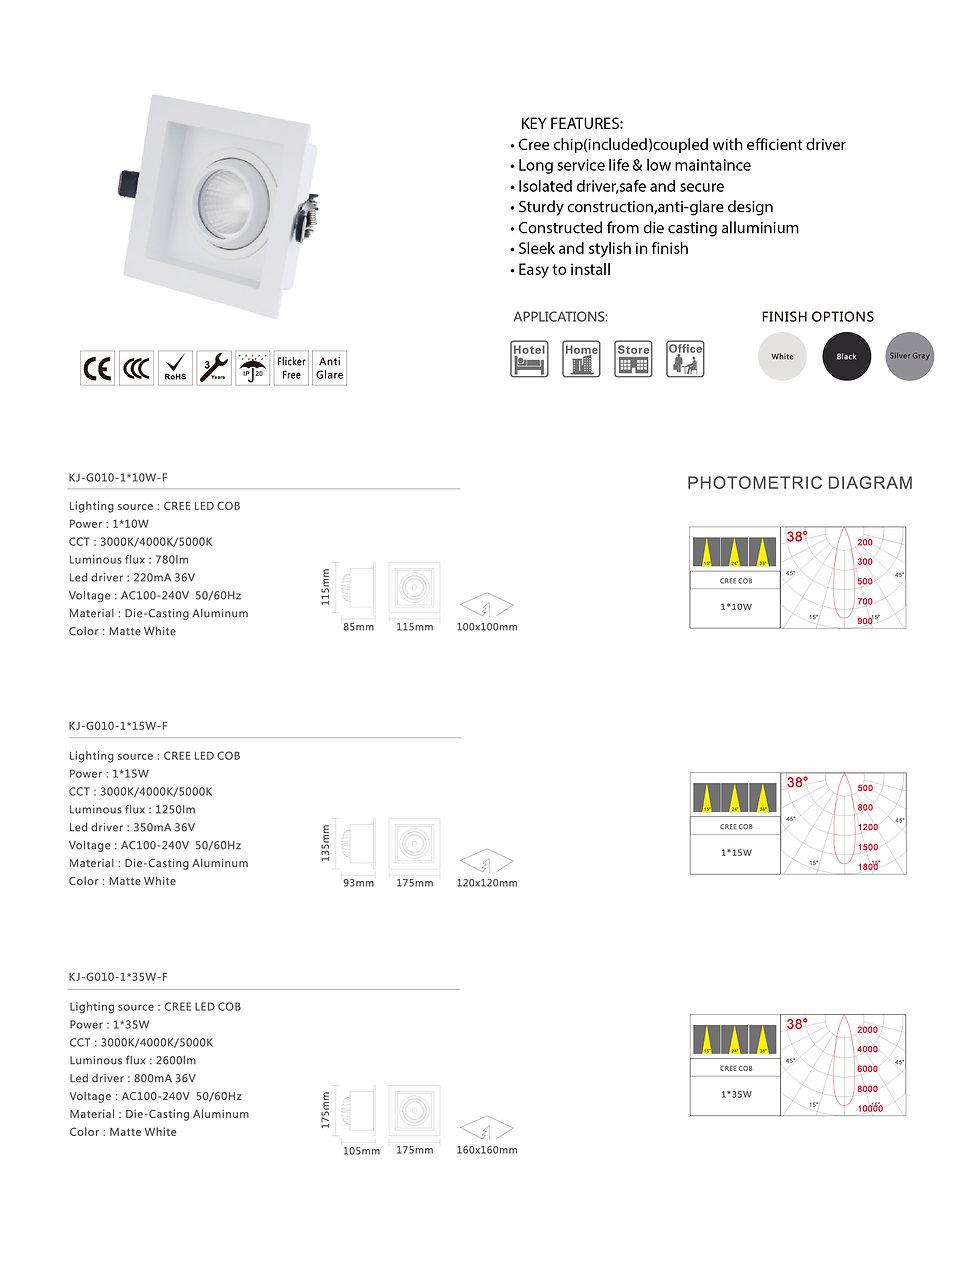 grille light-1-01.jpg